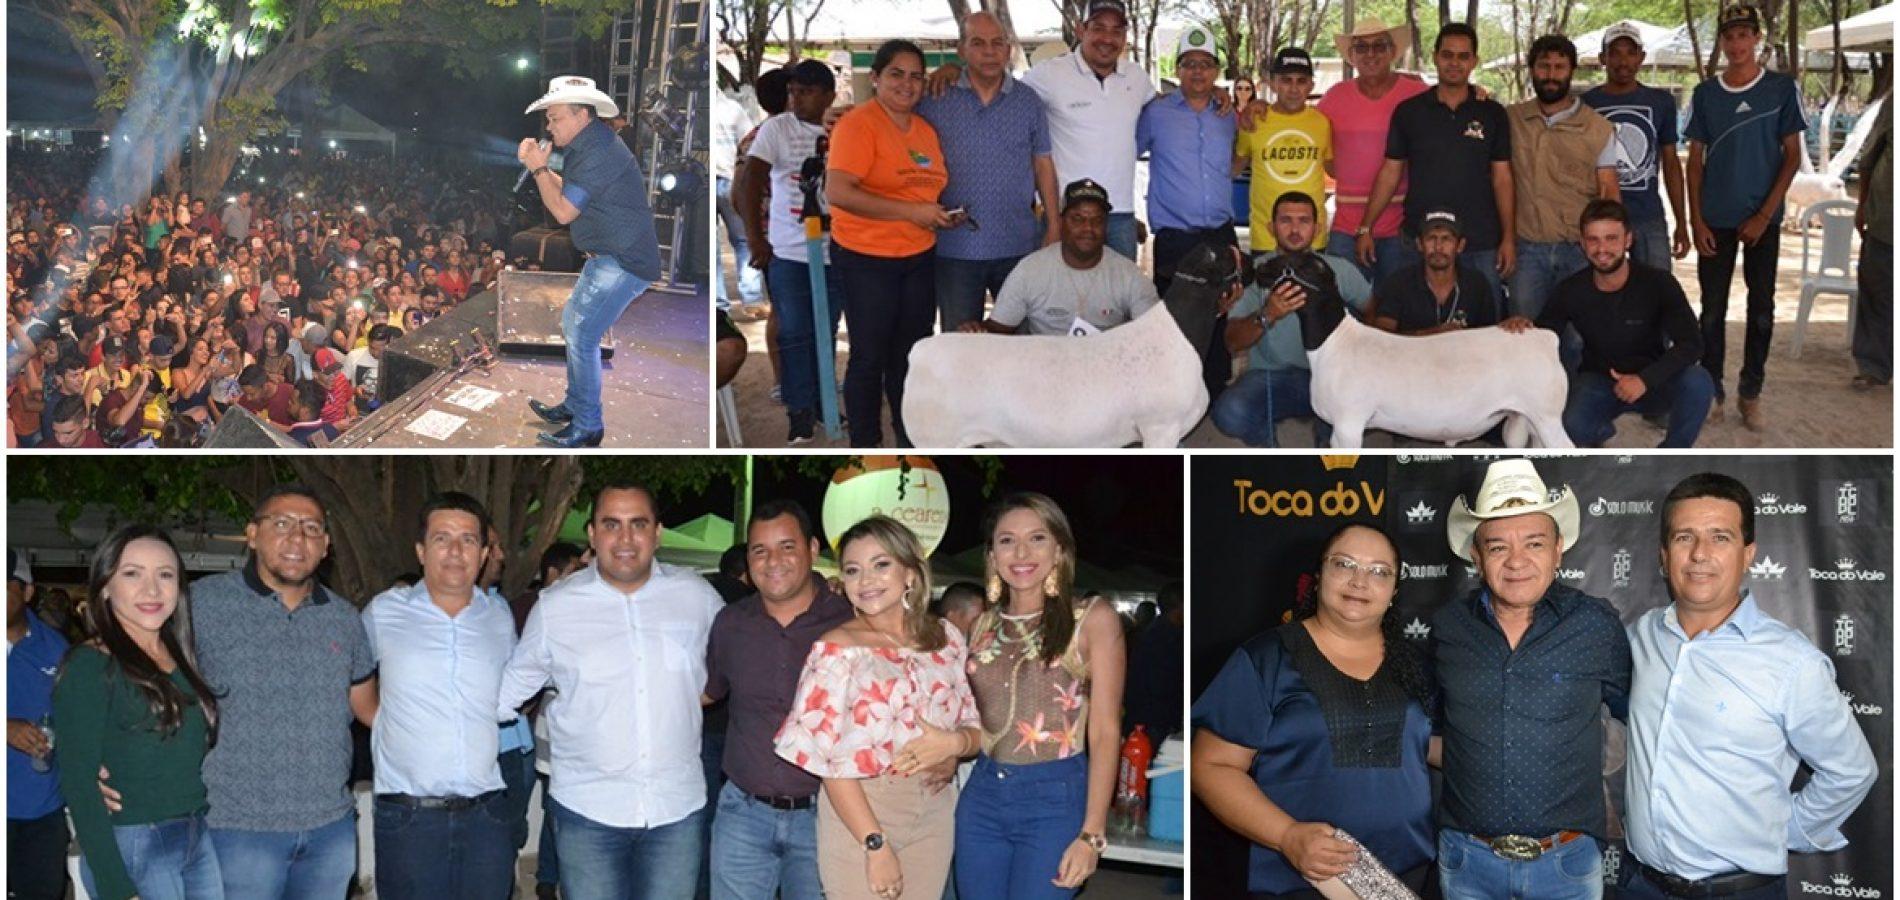 FOTOS | Show de Toca do Vale e entrega de premiação da ExpoCaboclos em Caldeirão Grande do PI